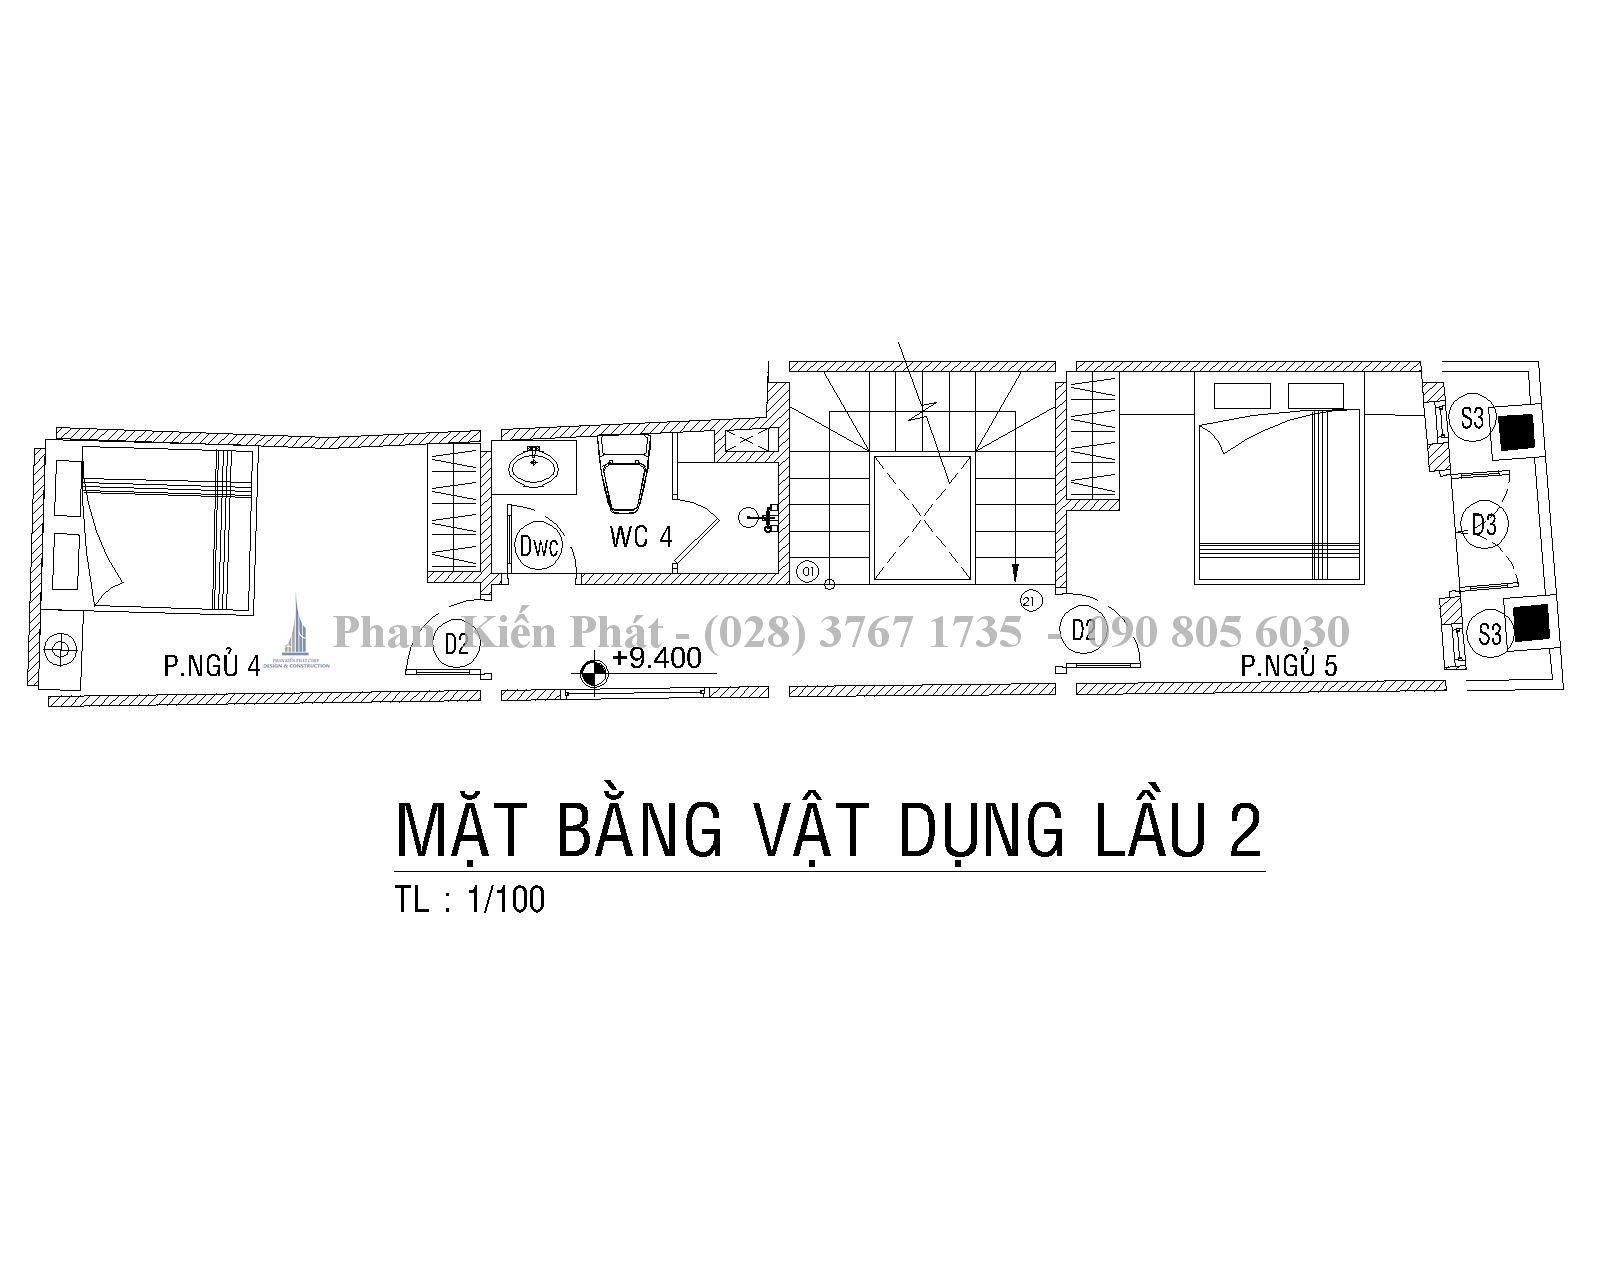 Mat Bang Lau 2 Mau Nha Ong 1 Tret 1lung 3 Lau Hien Dai Anh Tan Dinh 1